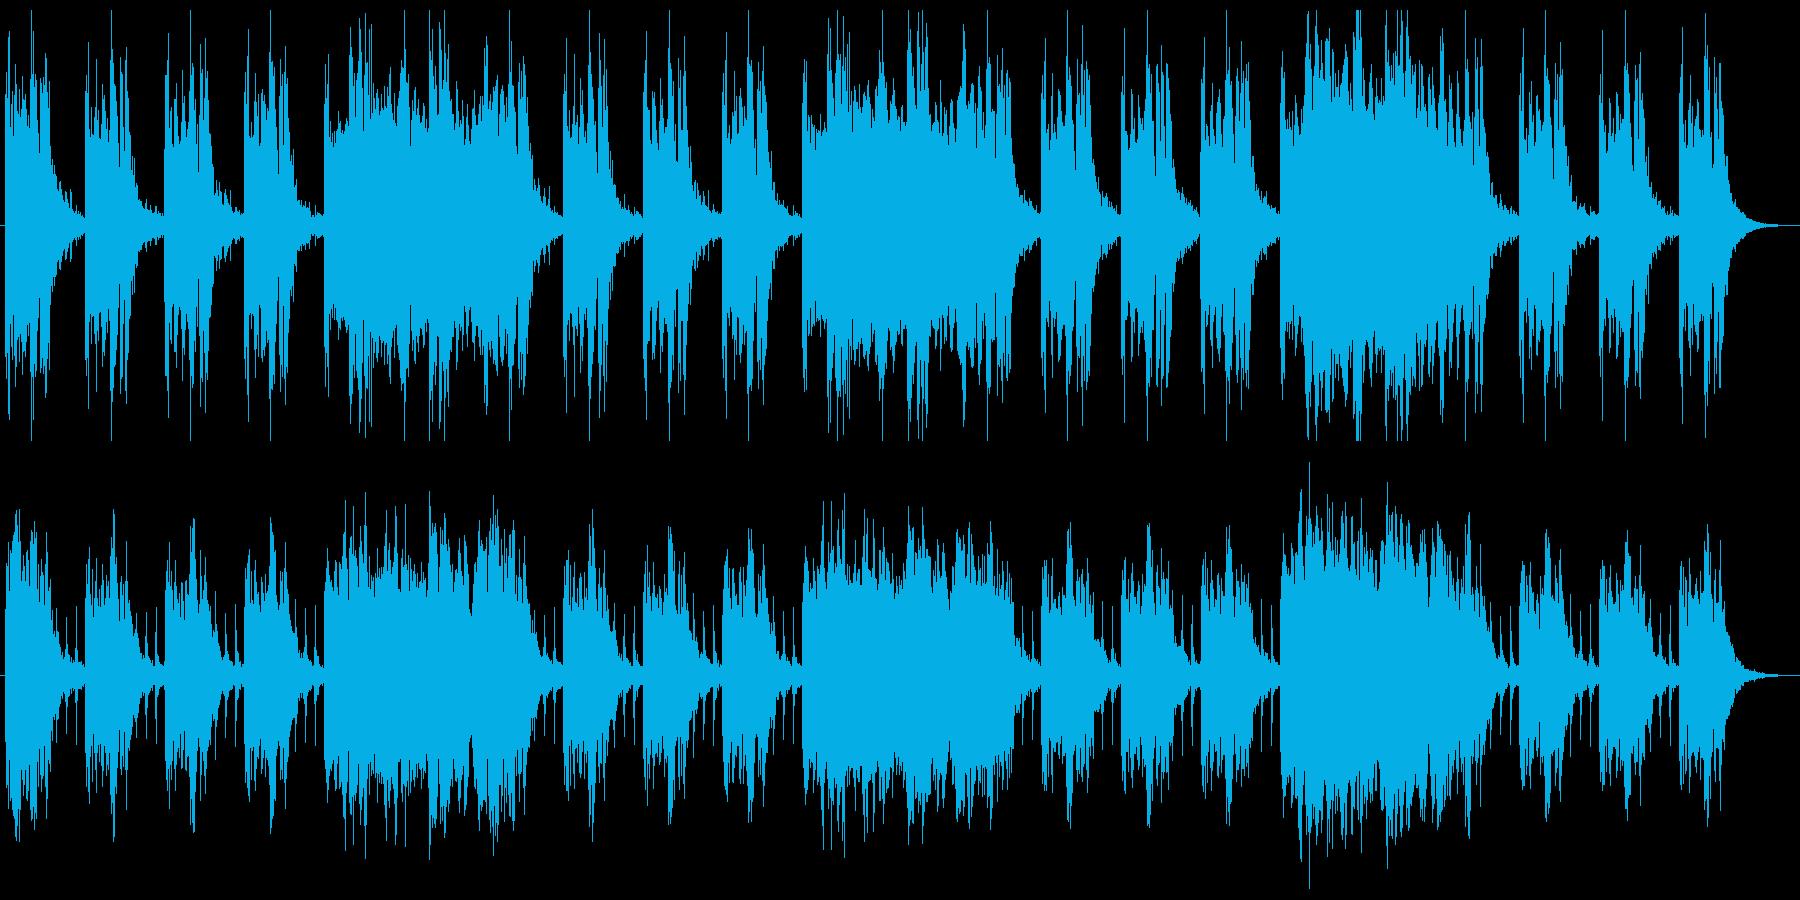 シネマチックな闇をイメージ 1分半BGMの再生済みの波形